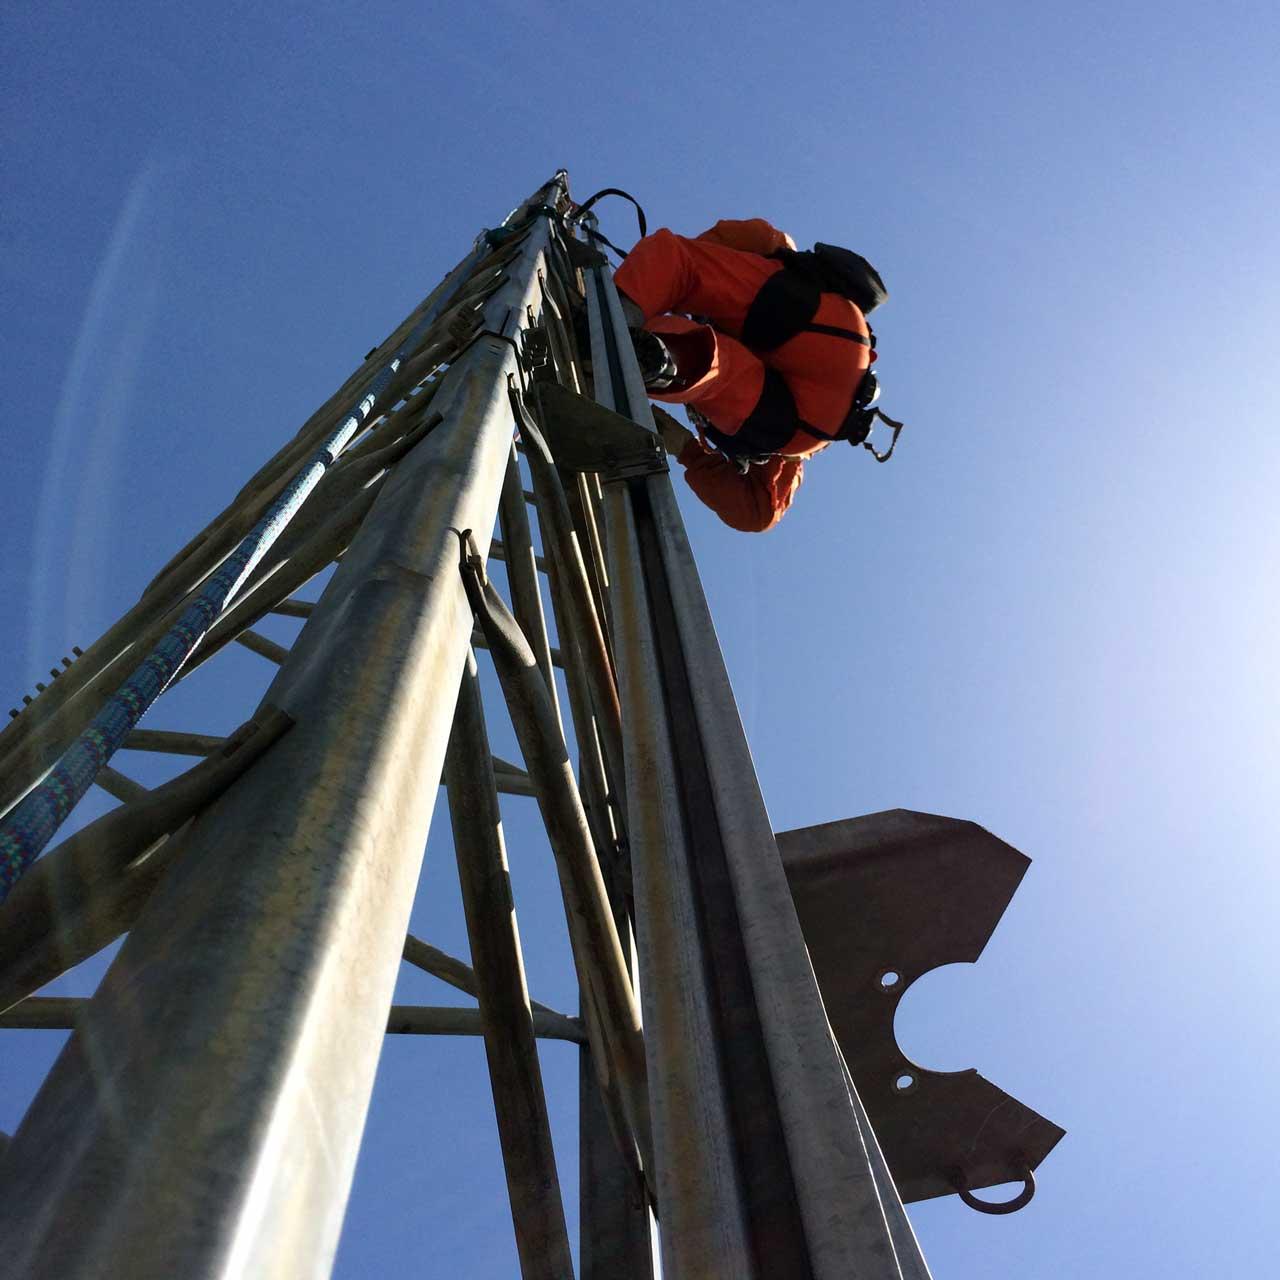 愛知県名古屋市のクリエートタワー撤去工事